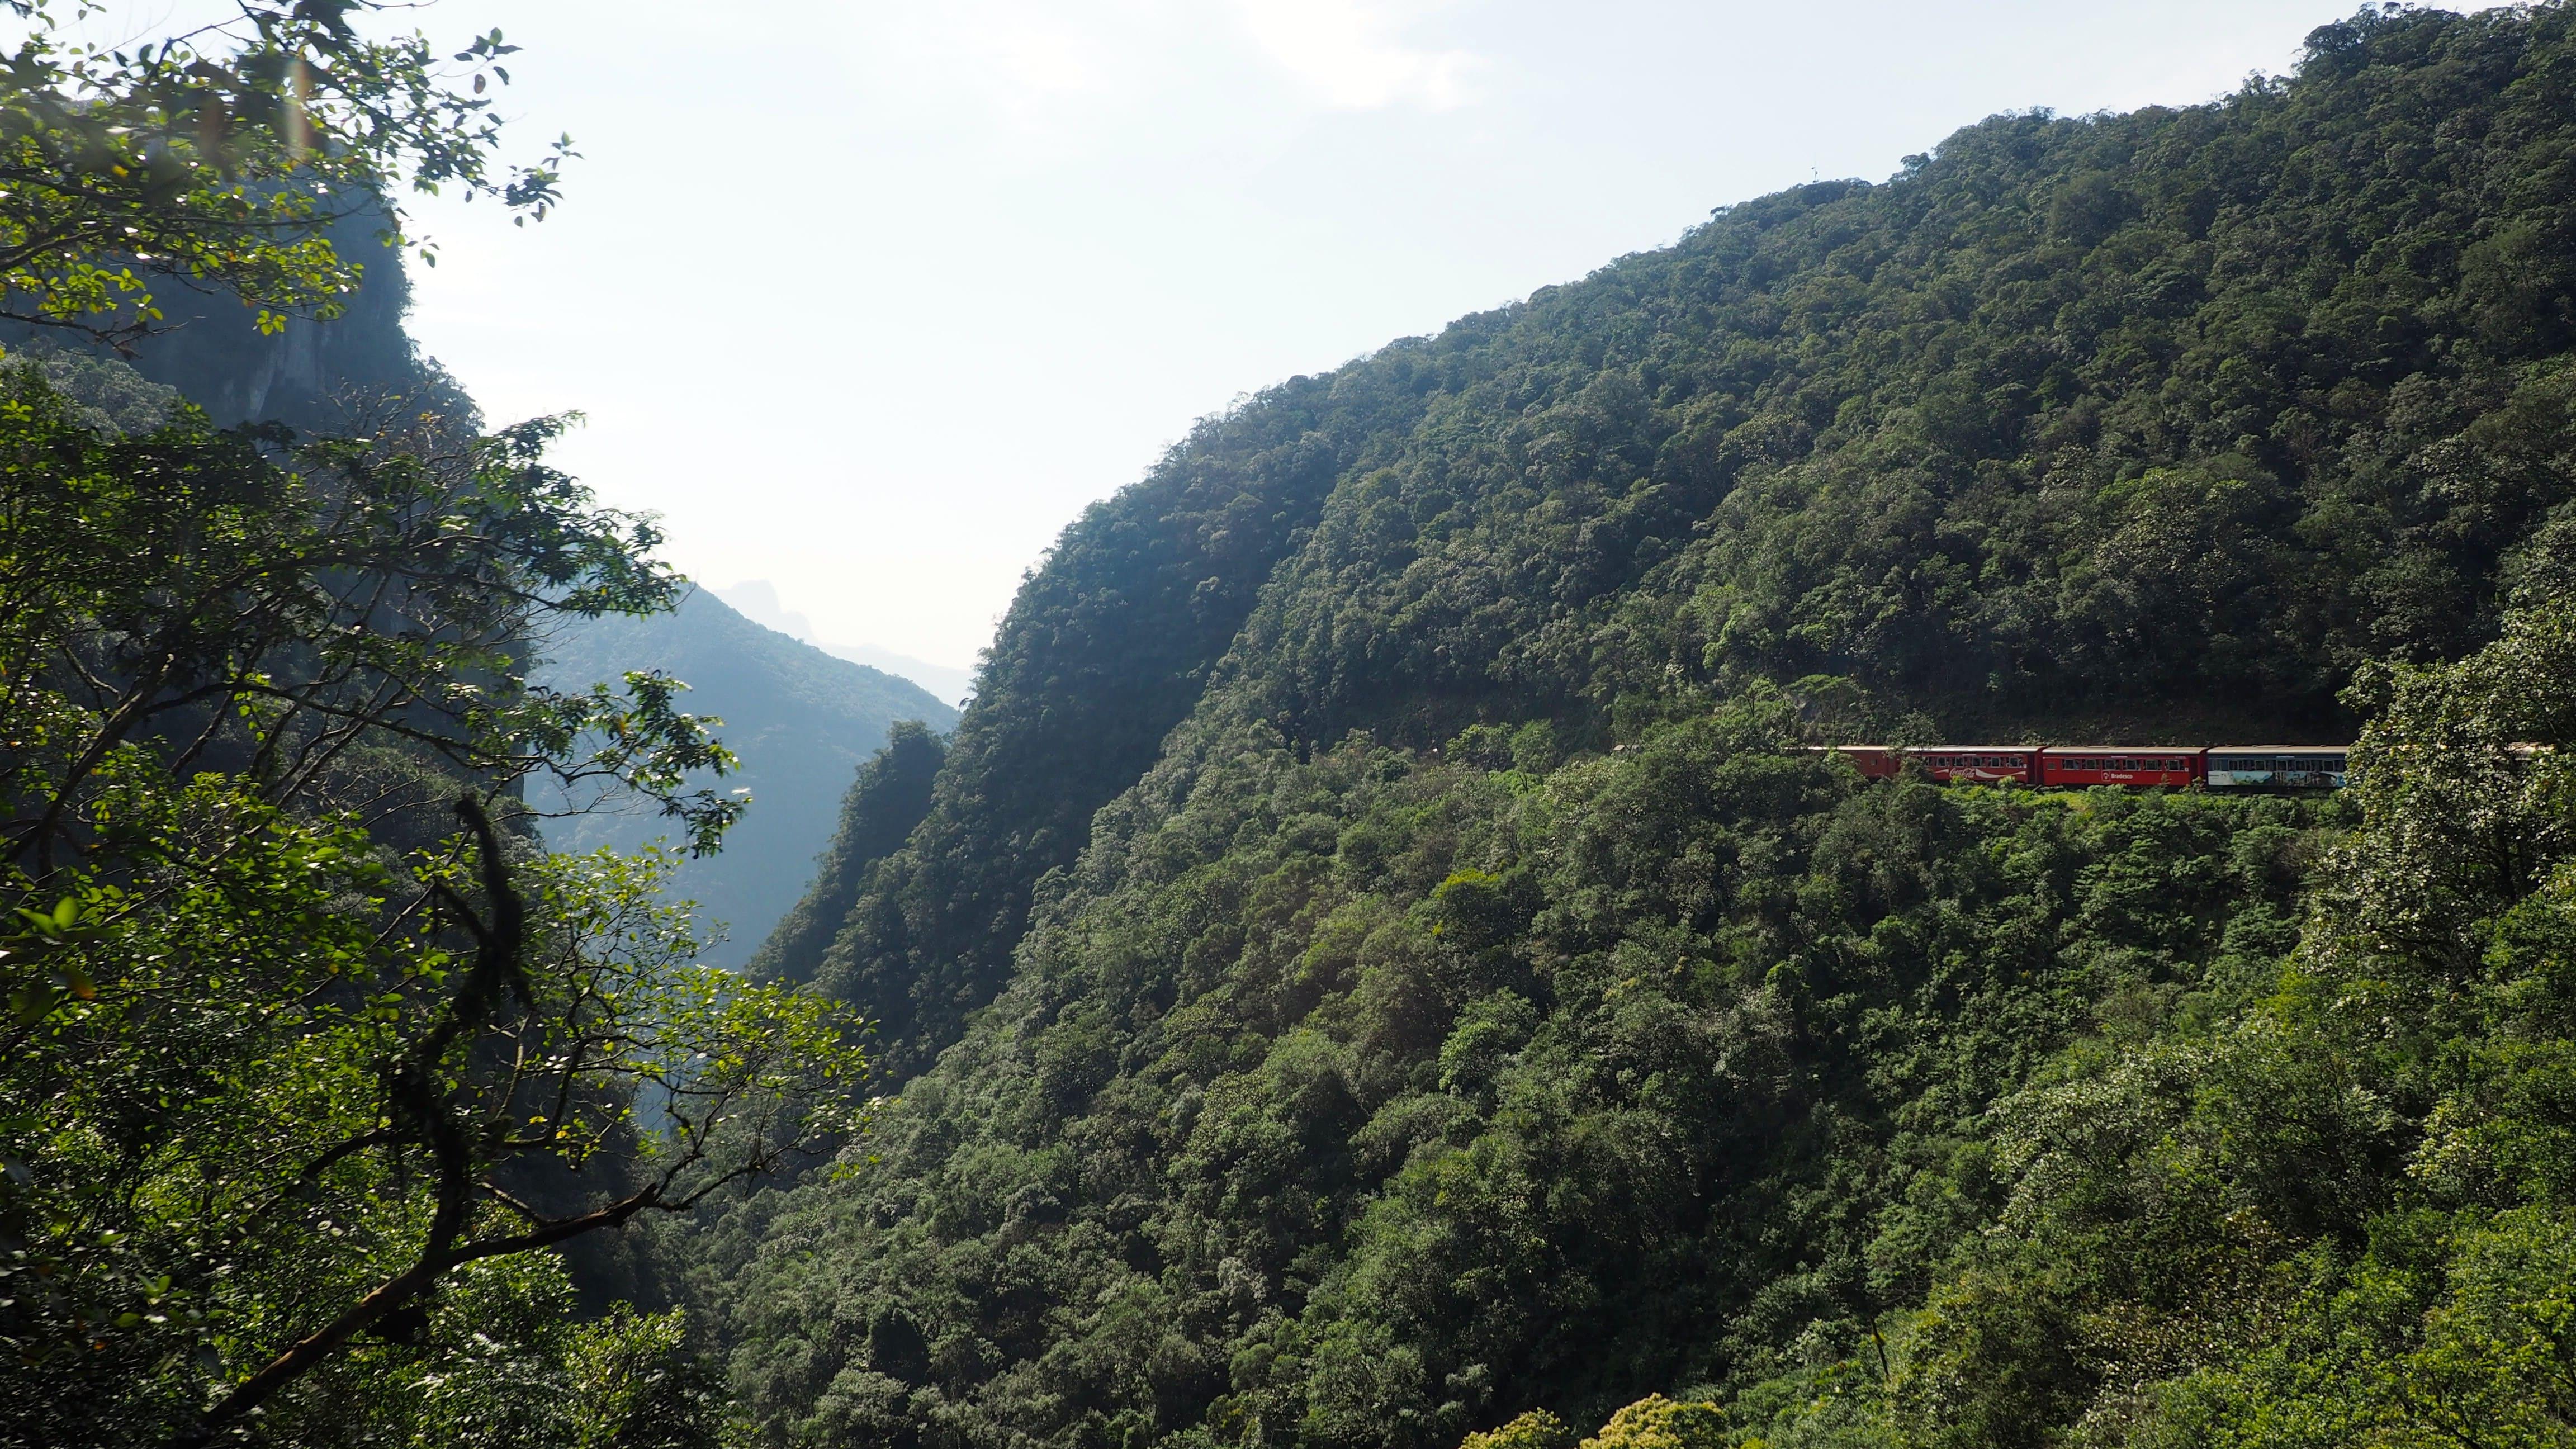 Vista desde el tren Serra Verde Express en la ruta Curitiba-Morretes